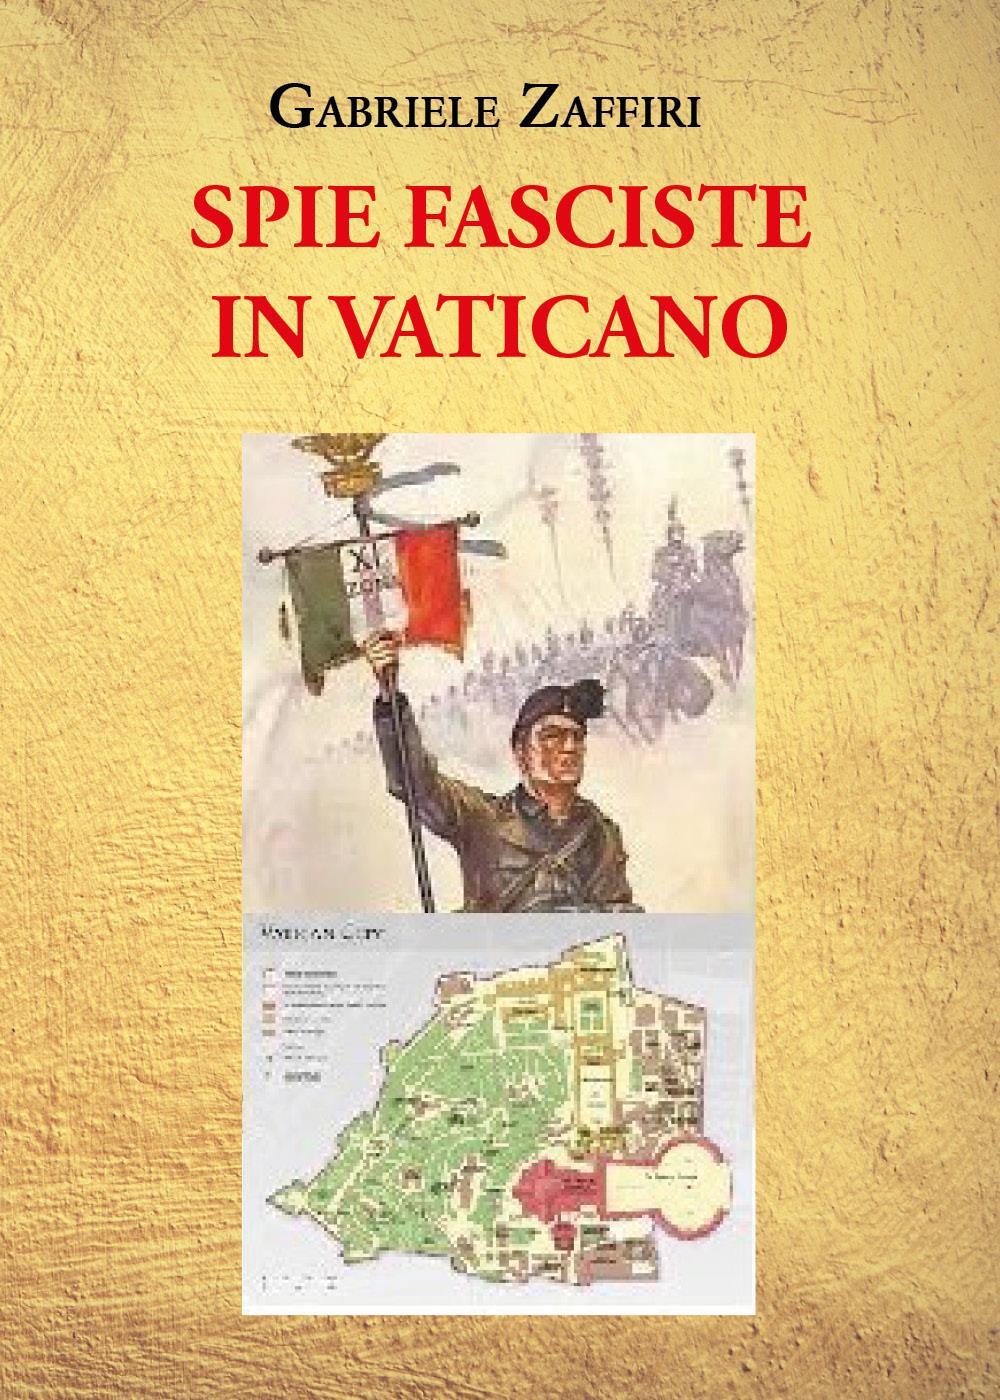 Spie fasciste in Vaticano